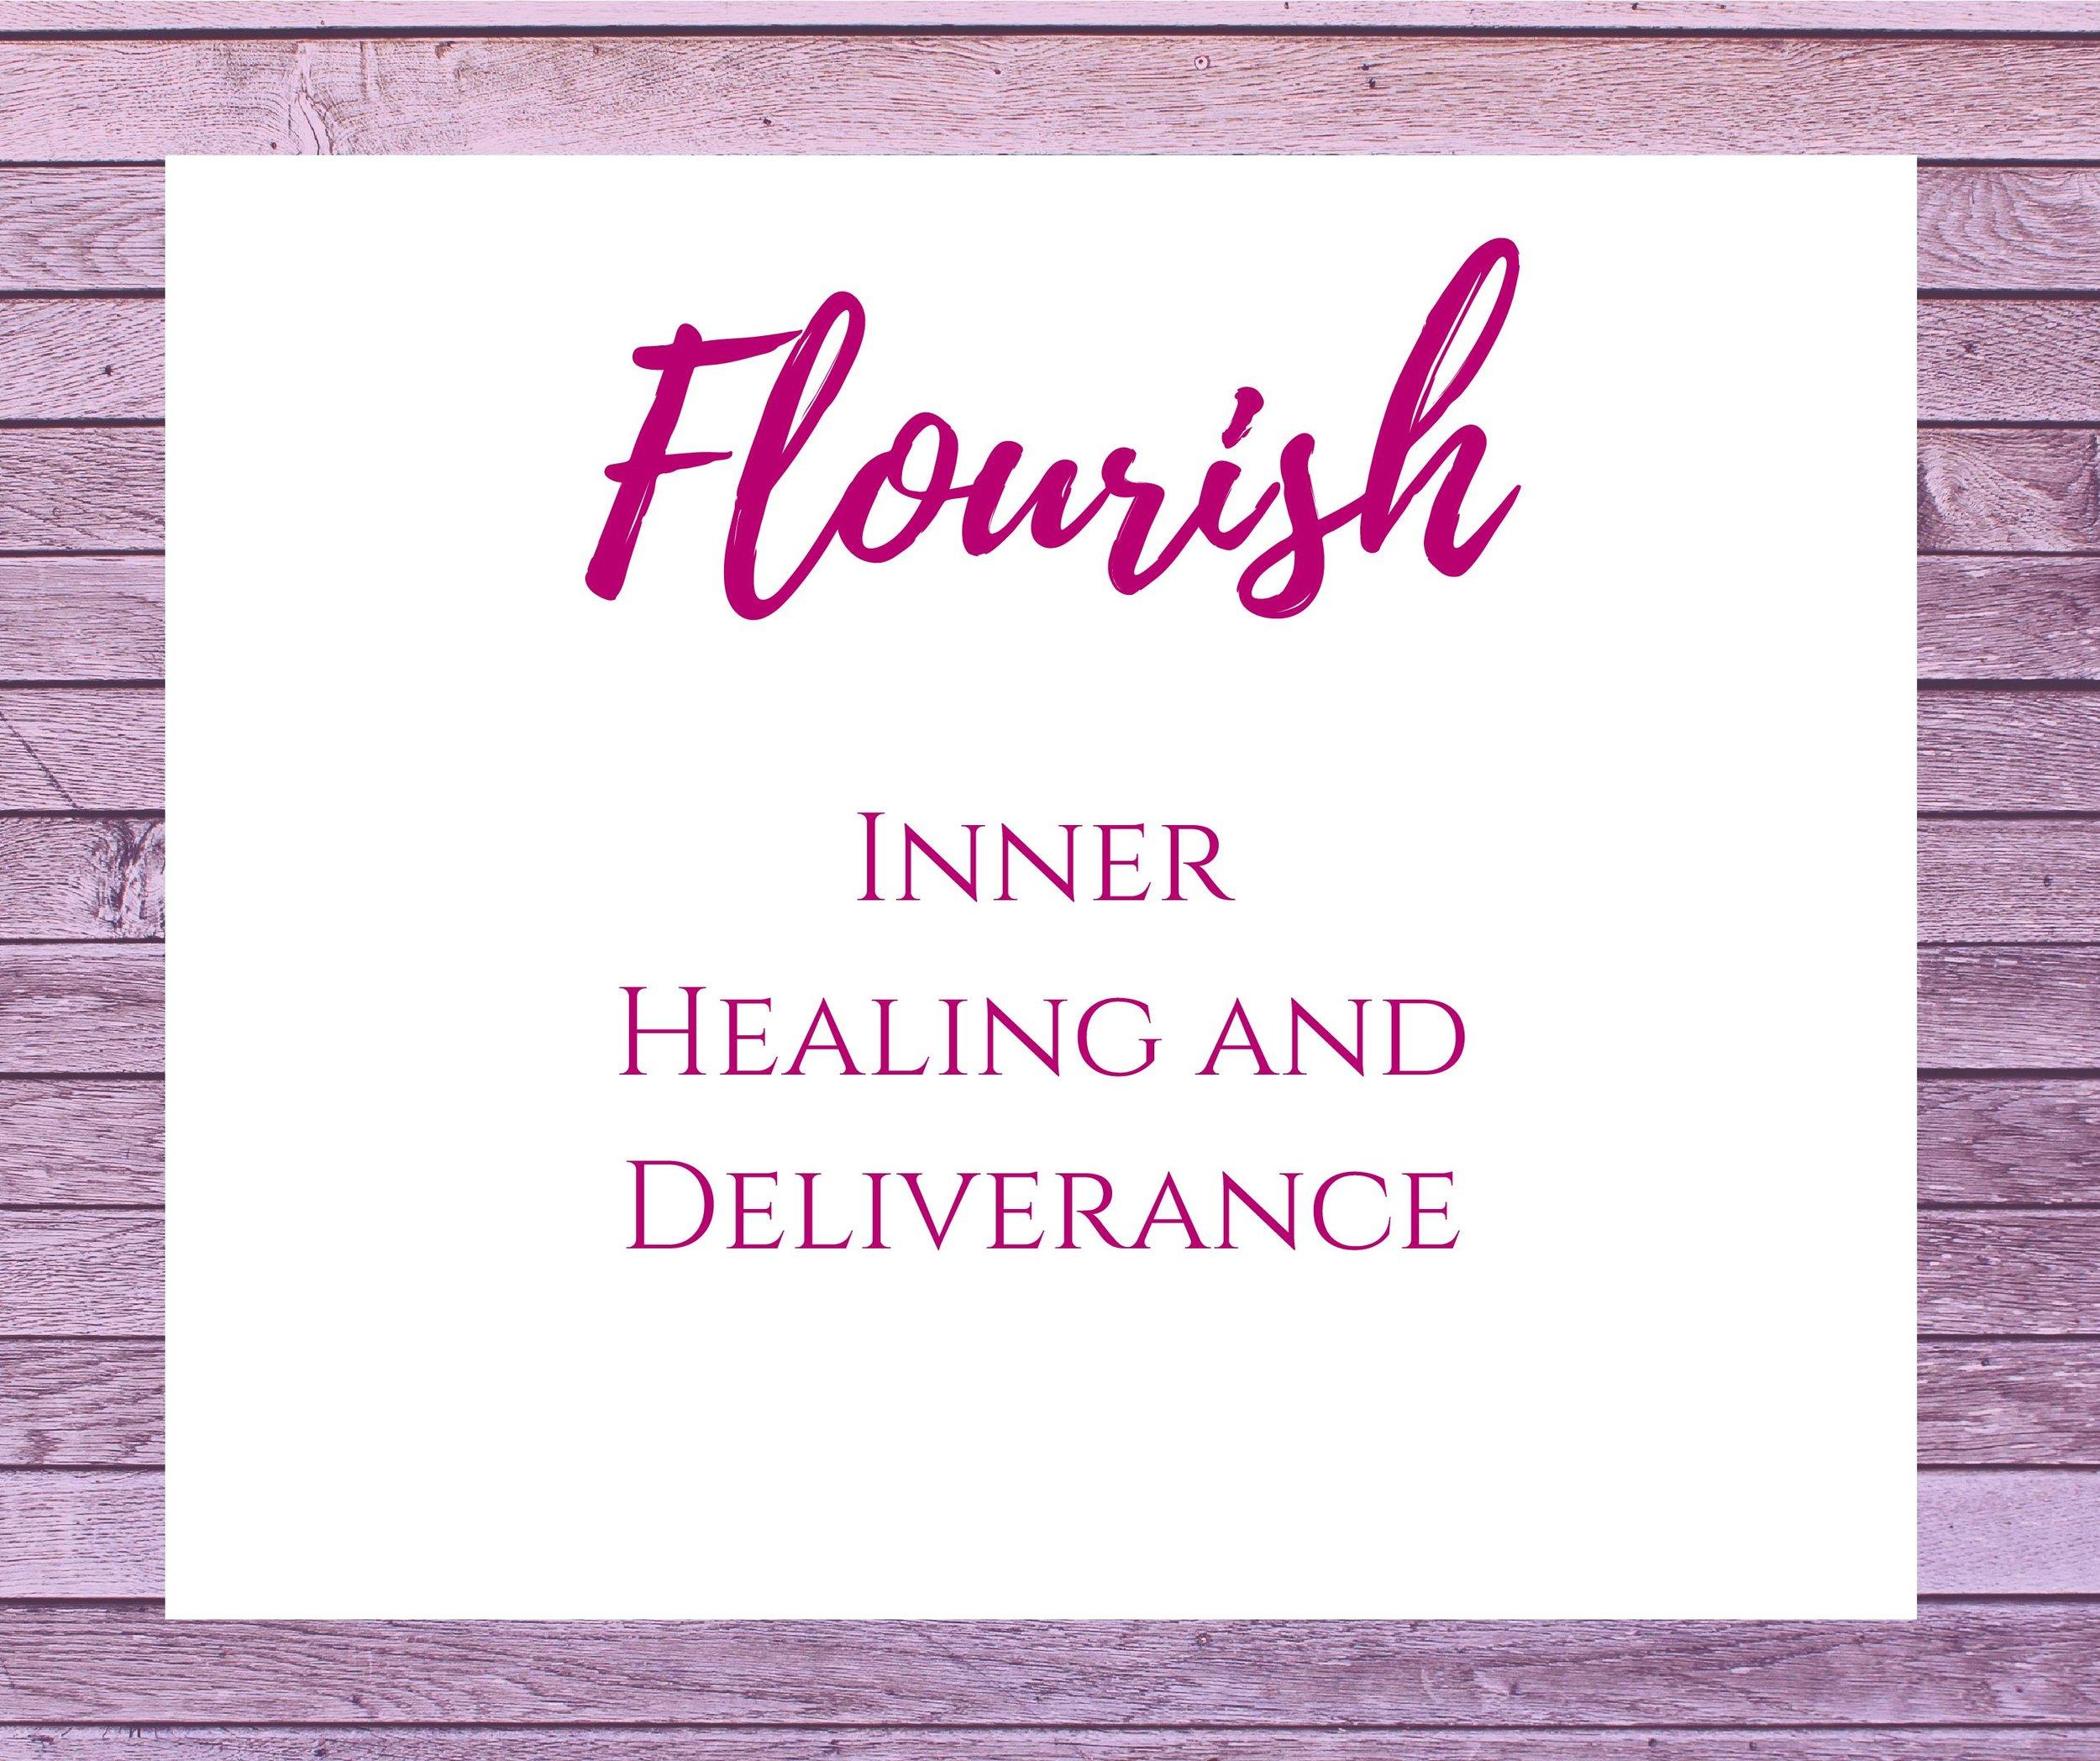 Flourish-2-page-001.jpg